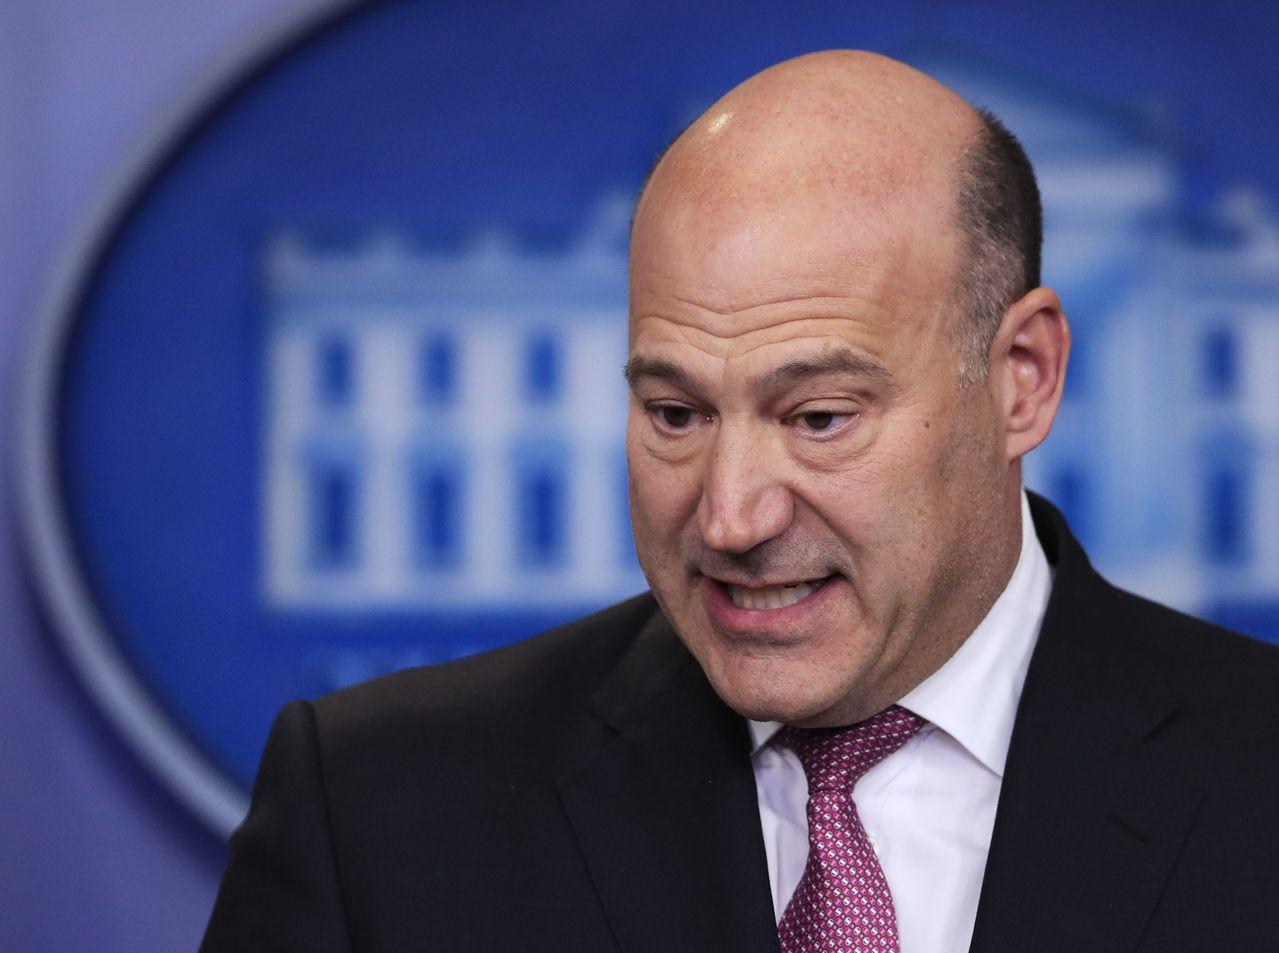 白宮首席經濟顧問柯恩辭職驚動市場。(圖/美聯社) 湯淑君